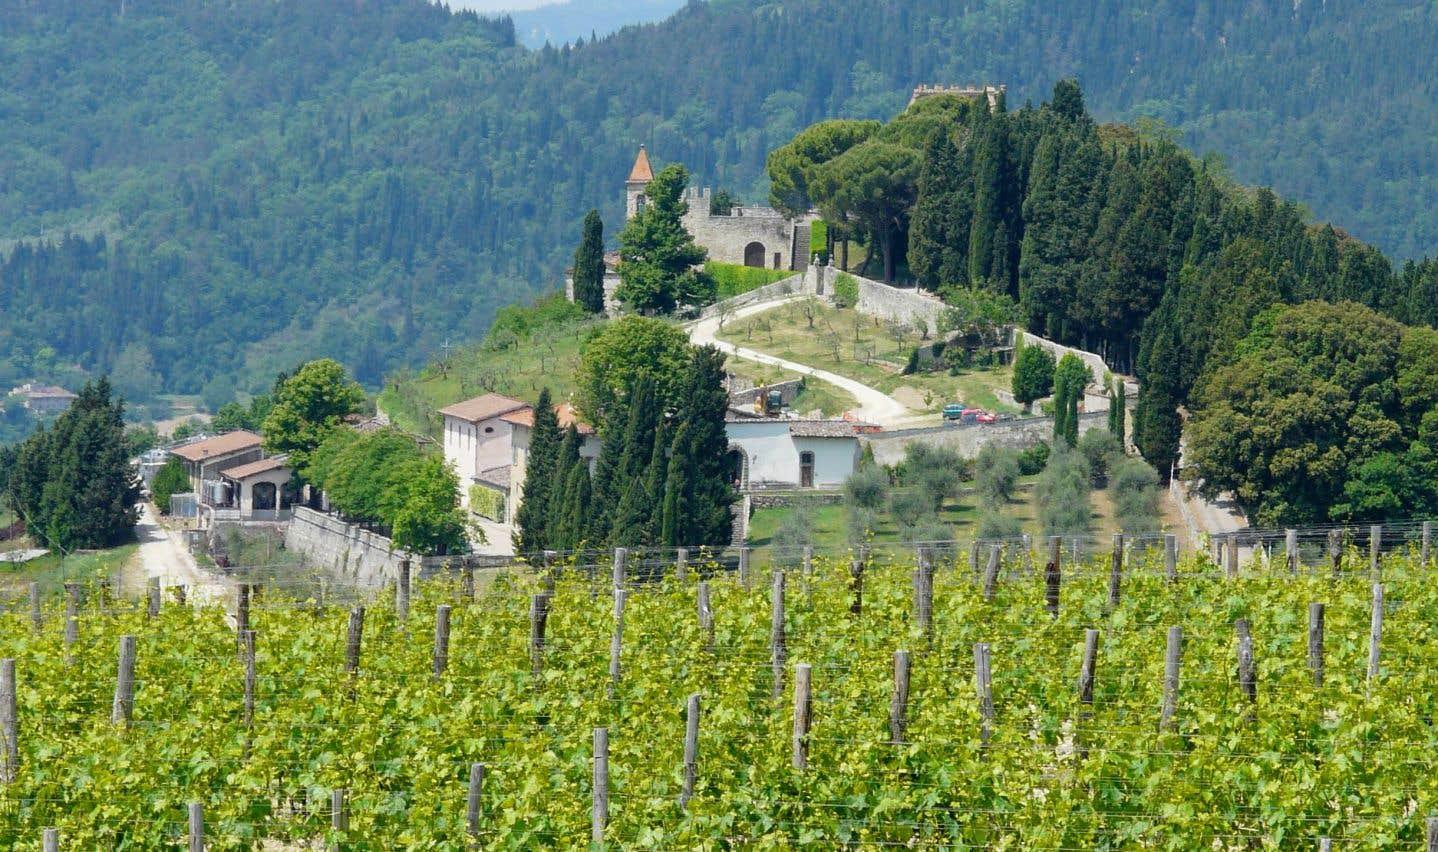 Vignoble de la région du Chianti, en Toscane